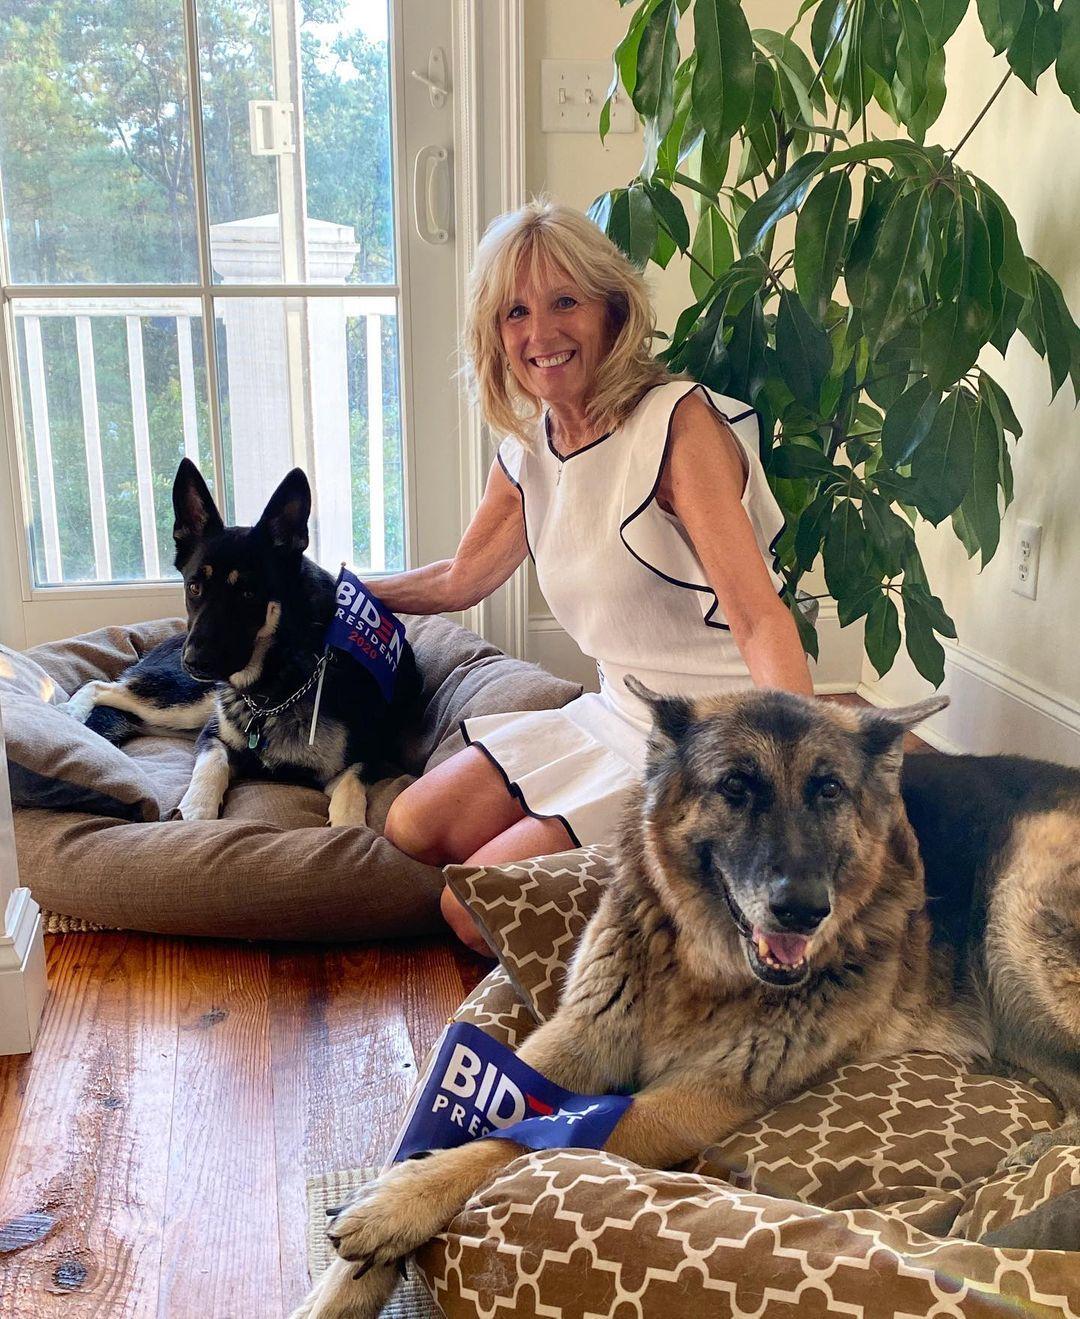 Chú chó của ông Biden sẽ là con vật 'vô gia cư' đầu tiên sống tại Nhà Trắng?